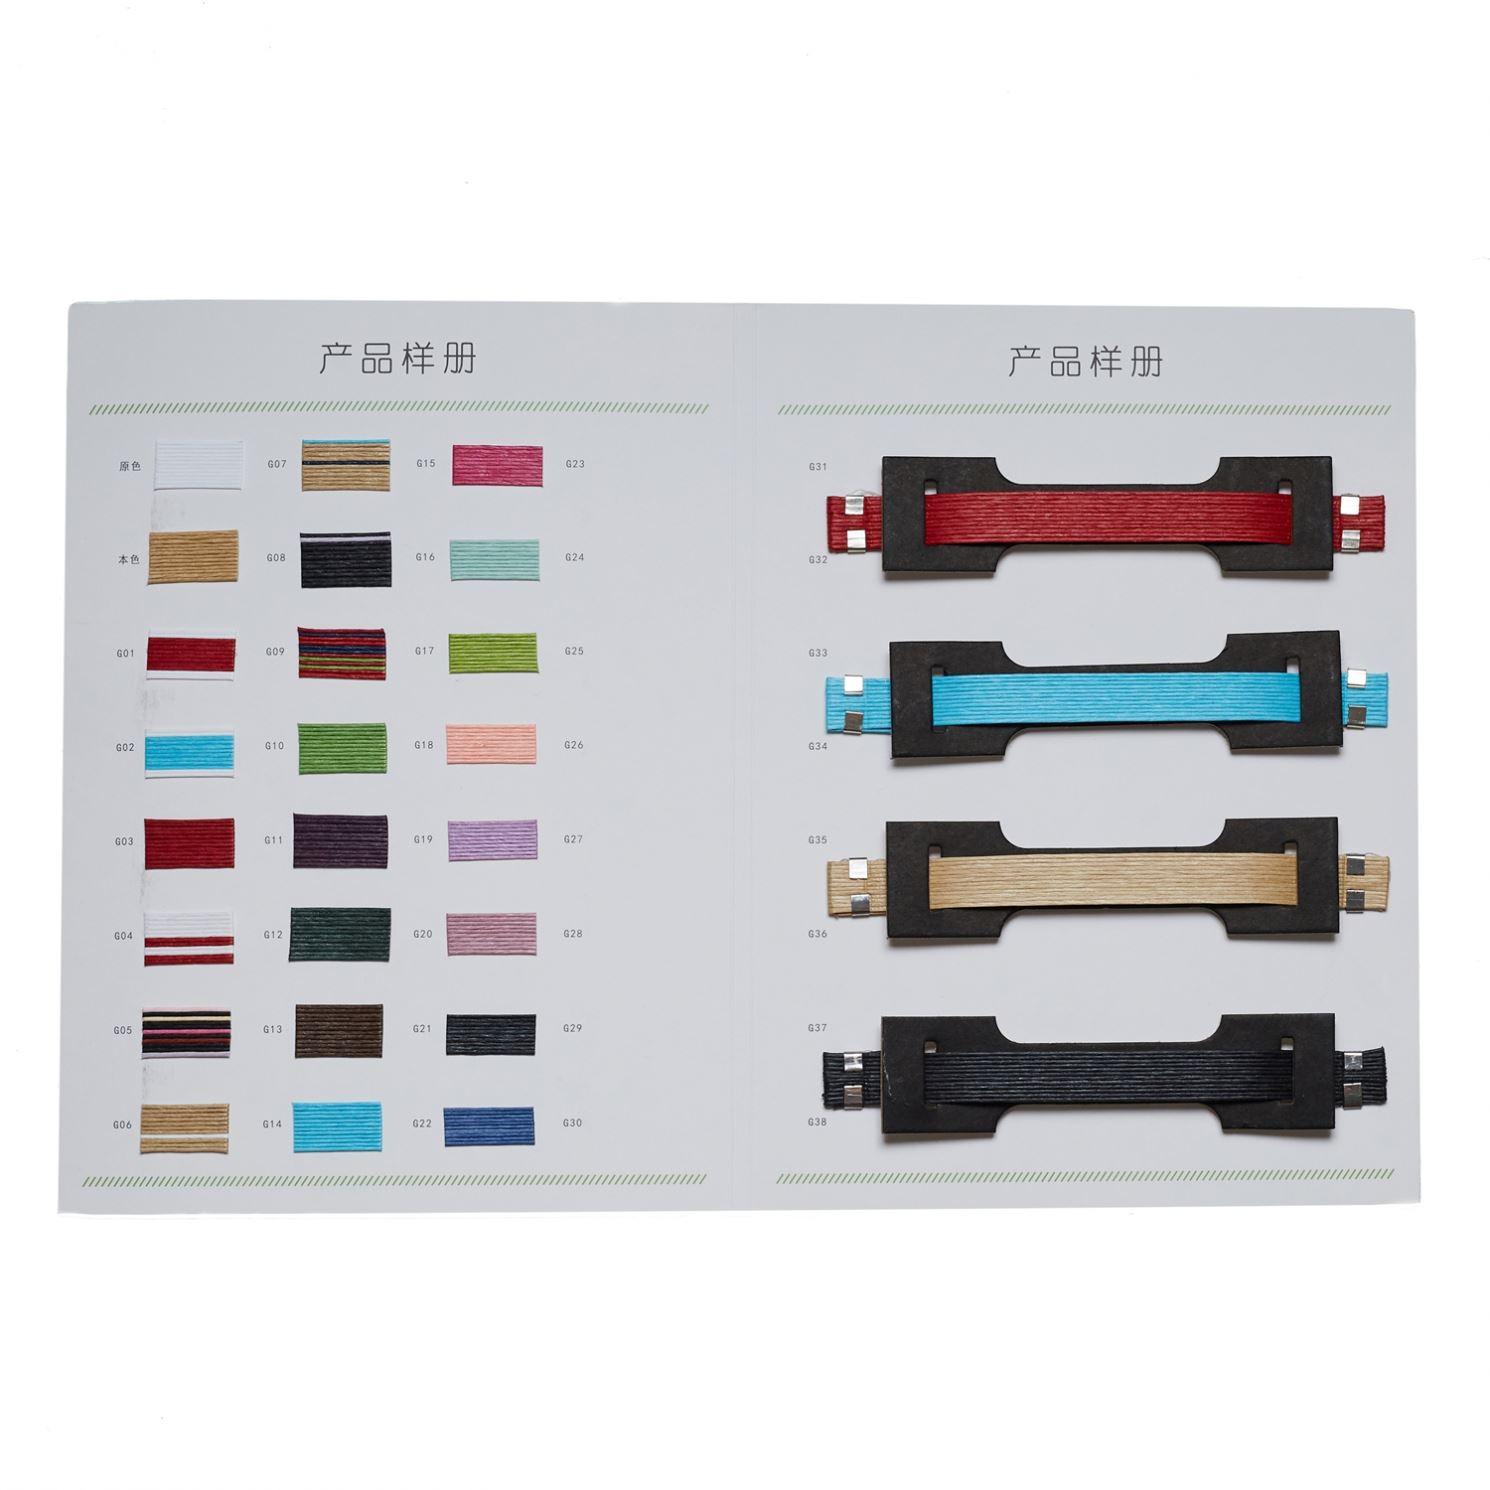 Совершенно новая Экологически чистая коробка из переработанной бумаги для ручки веревки высокого качества